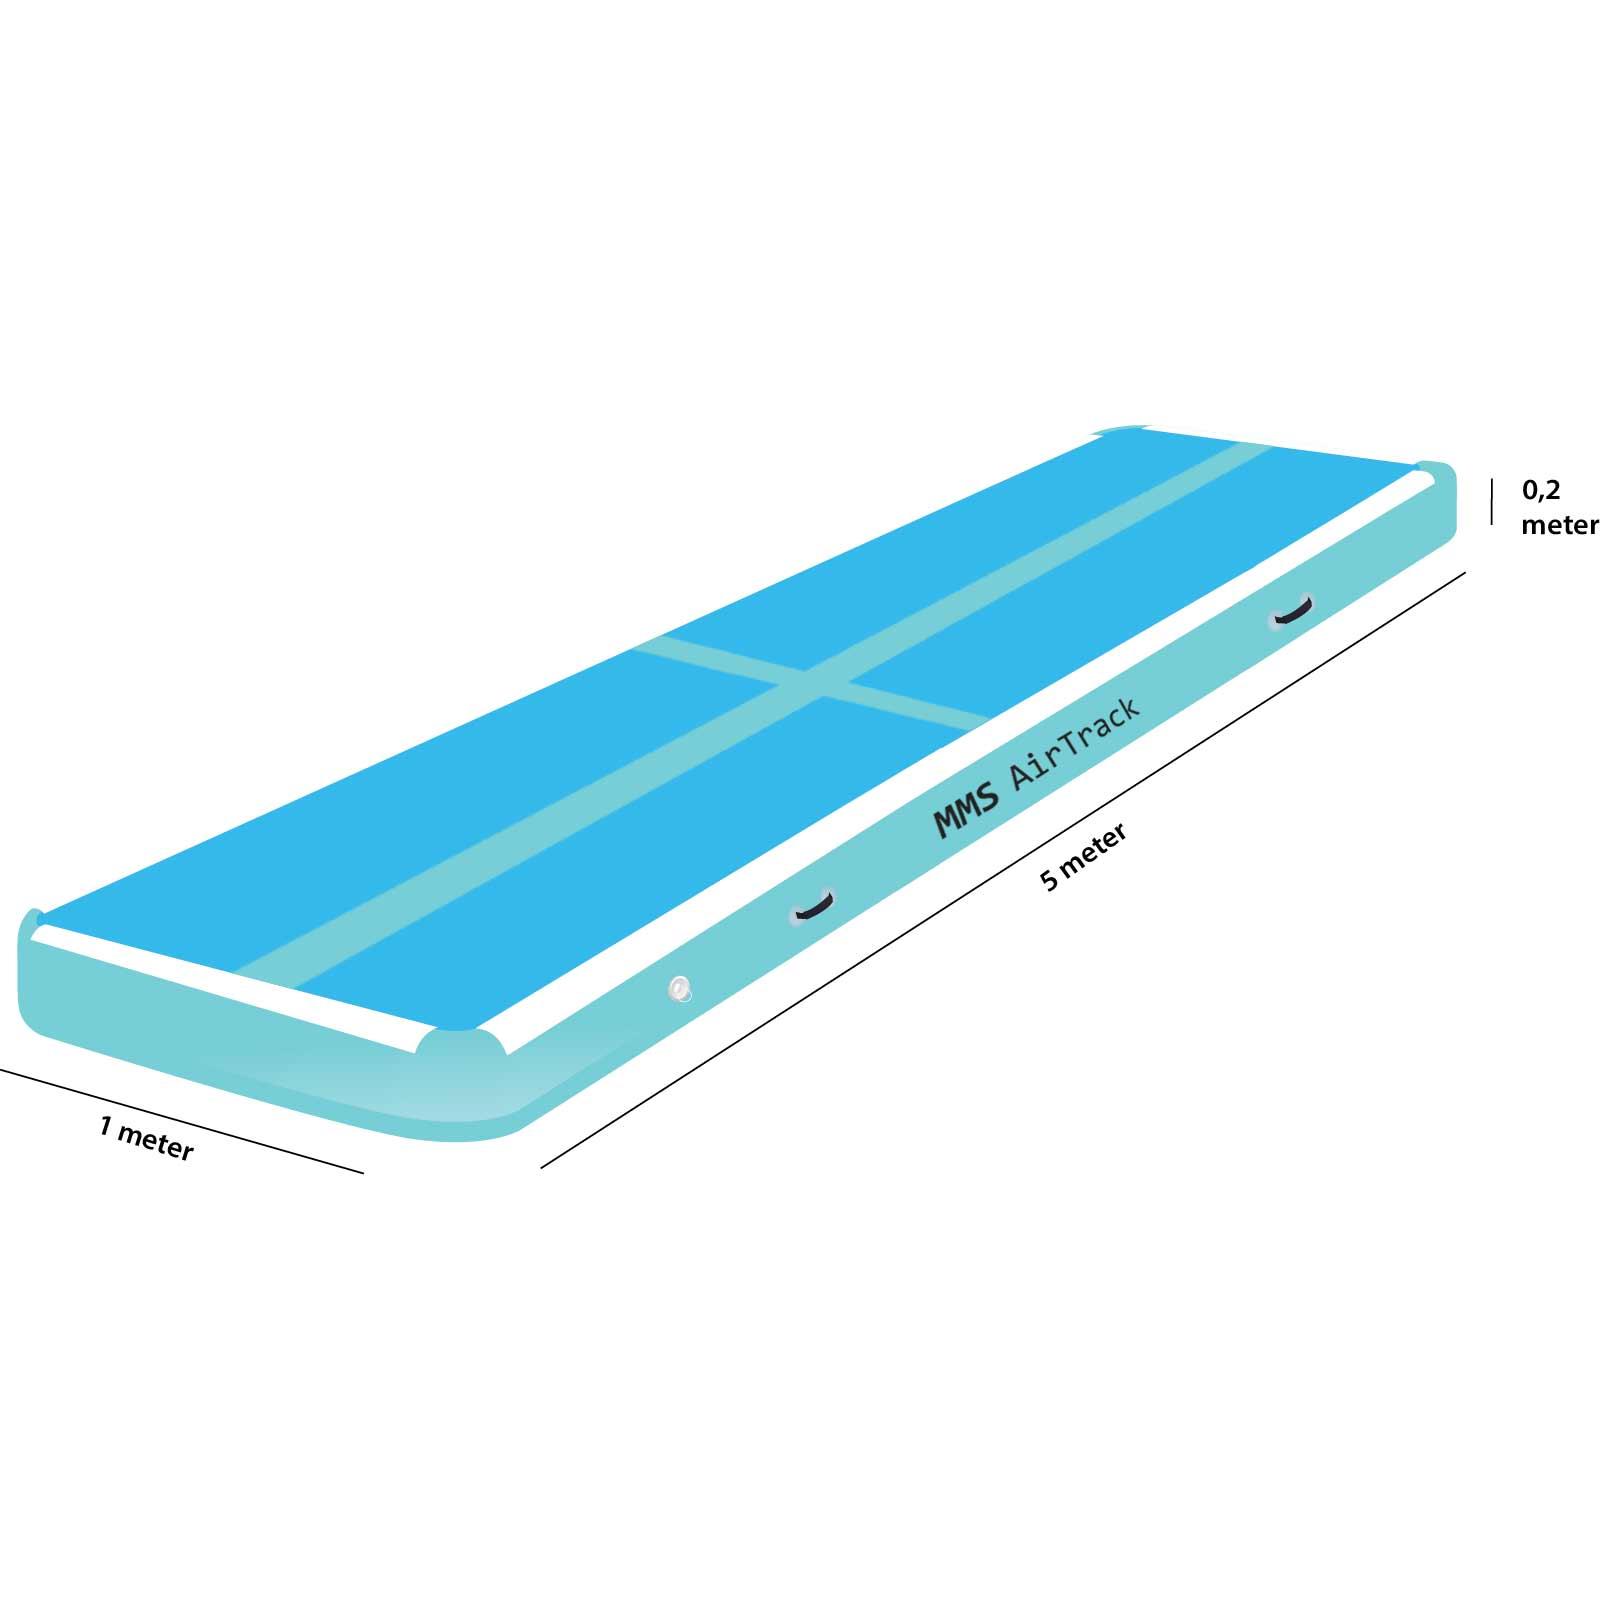 Airtrack 5 met x 1 x 0,2 blauw